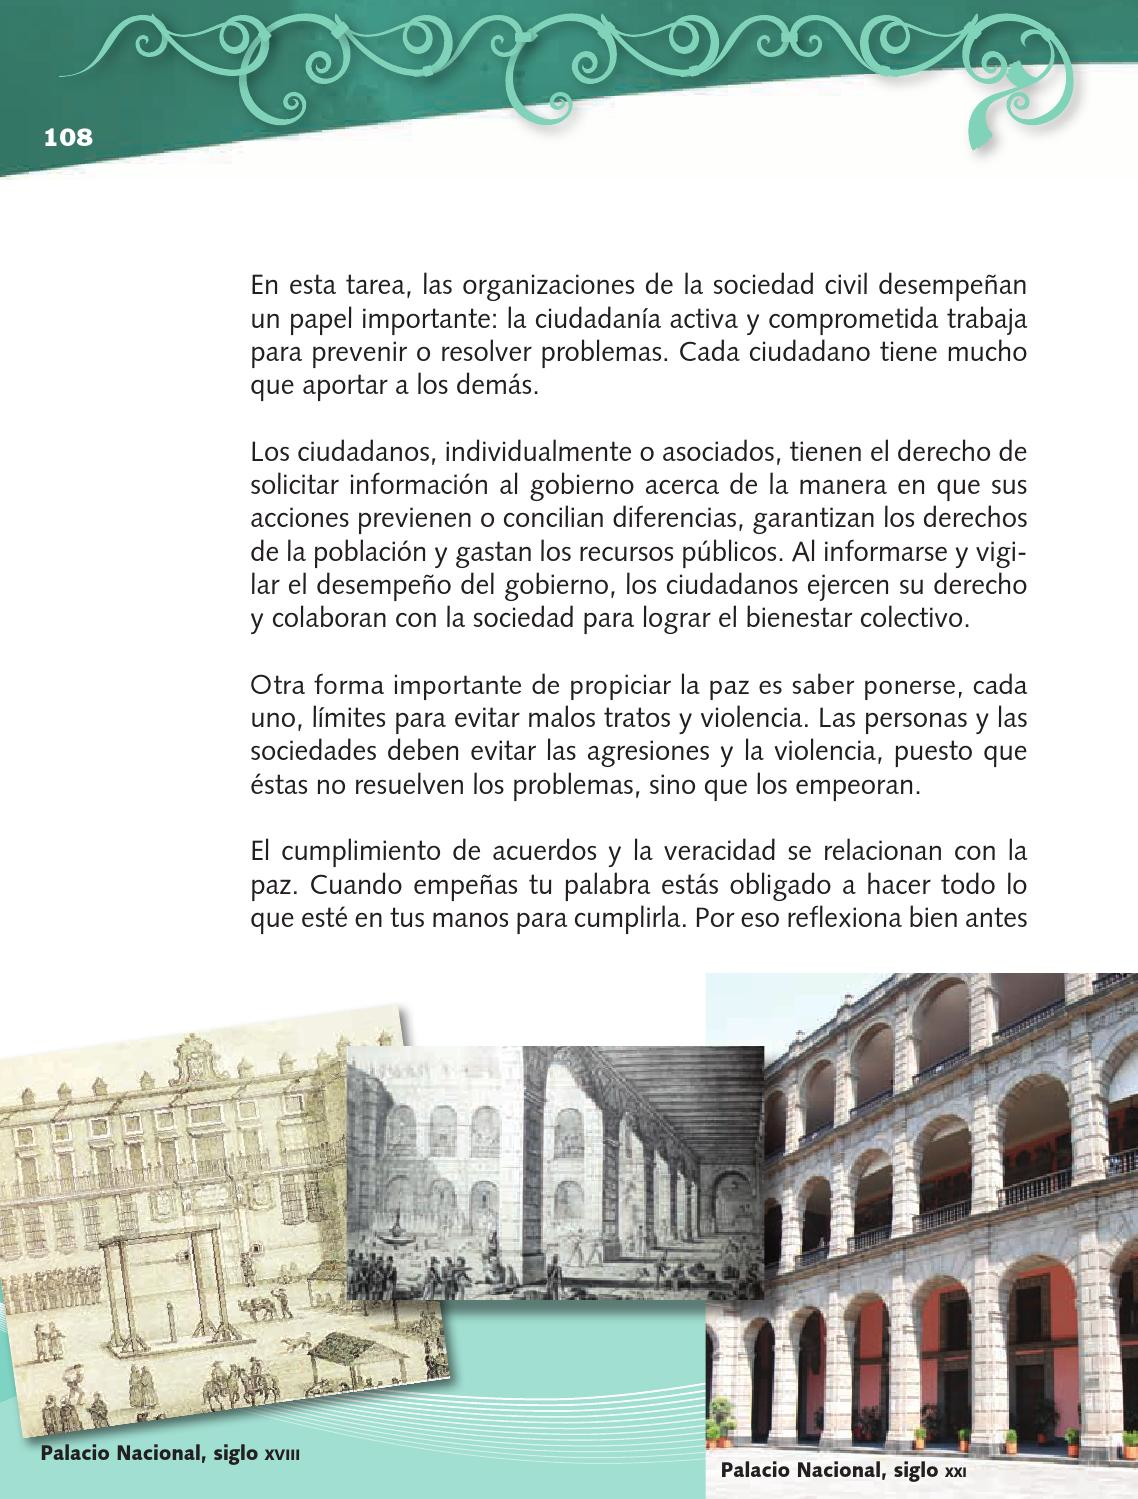 Platiquemos - Formación Cívica y Ética 4to Bloque 5 2014-2015